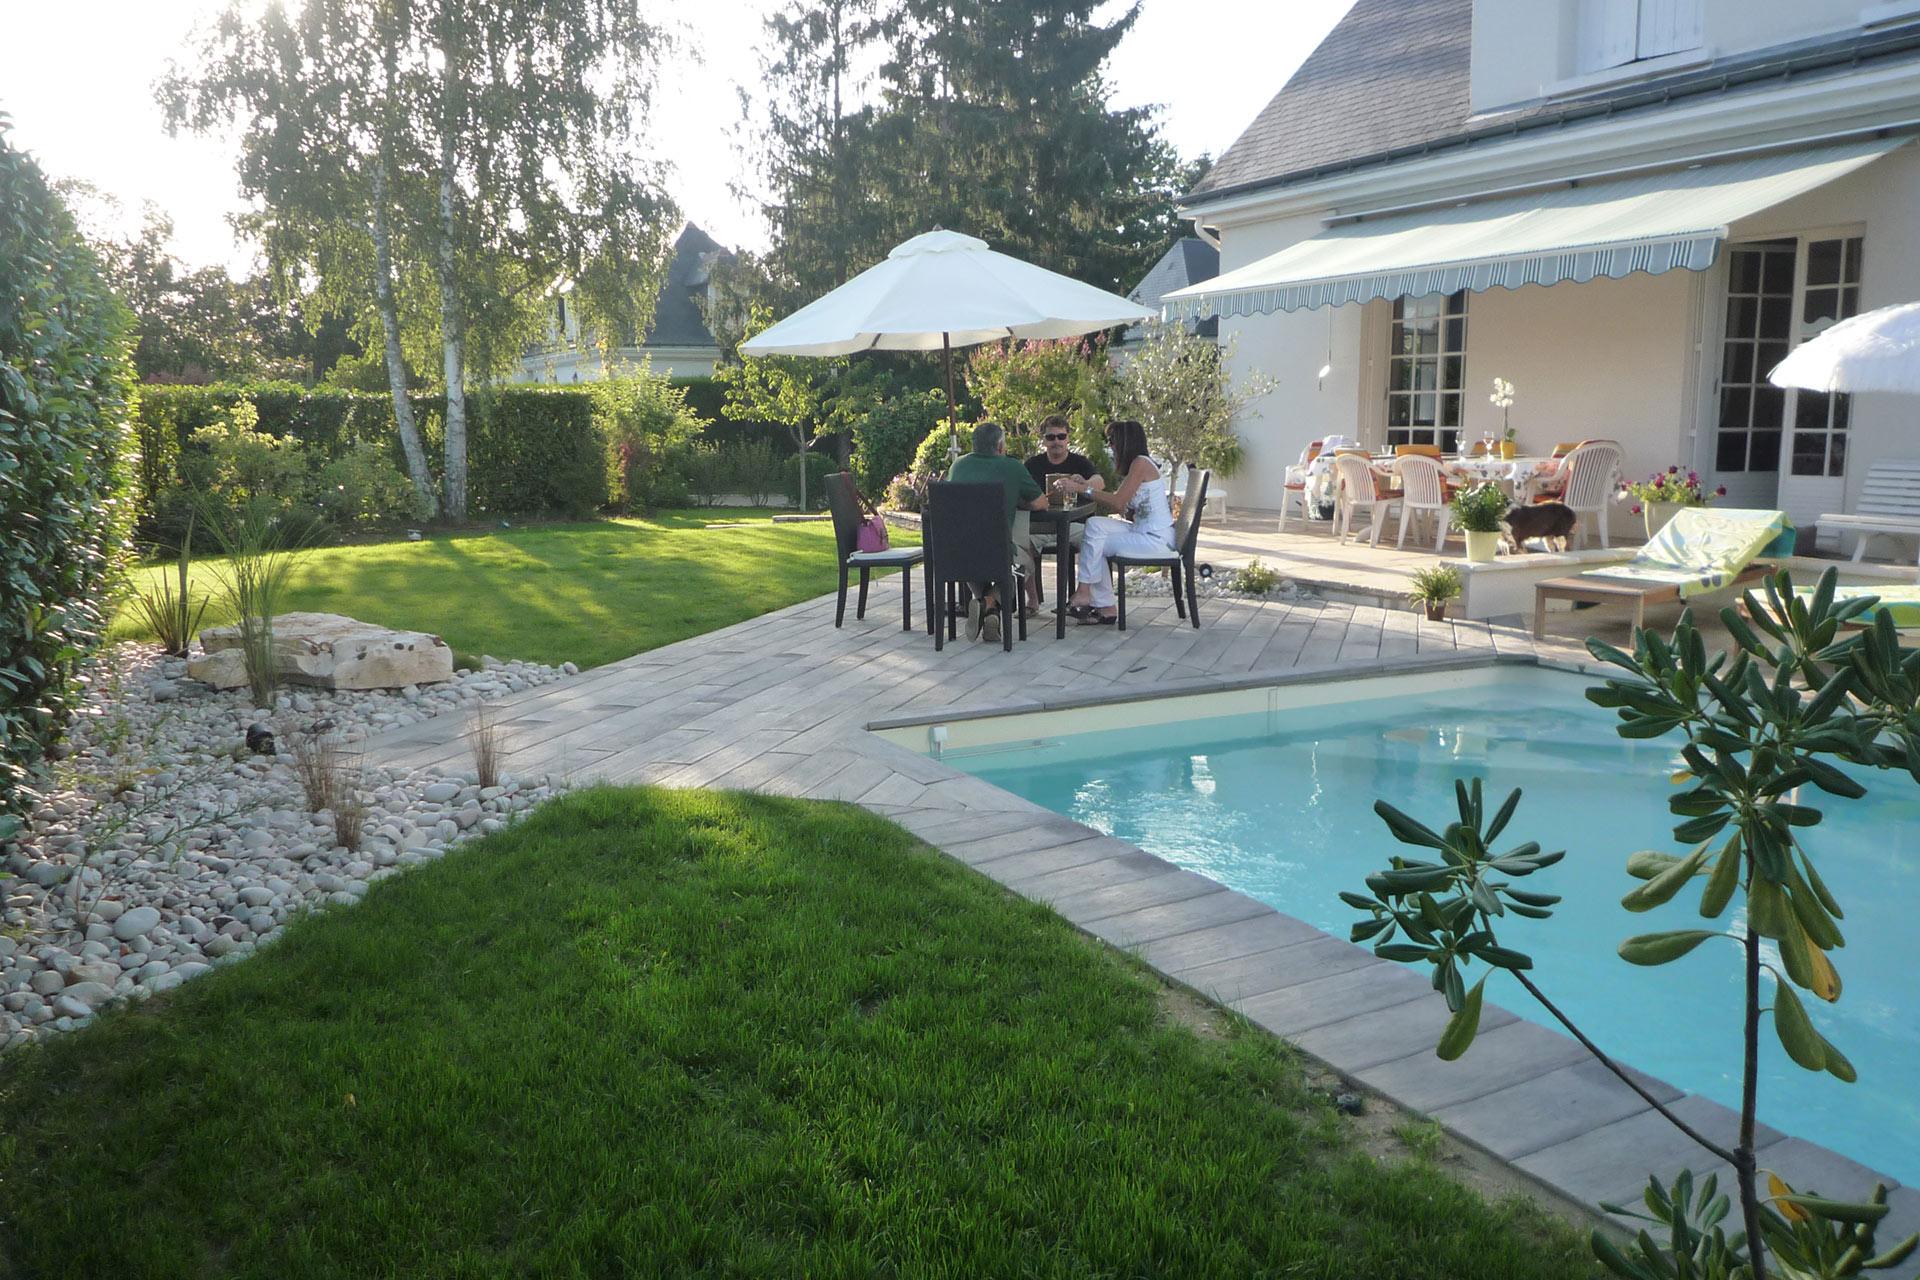 Vous cherchez un professionnel pour votre jardin : Serrault Jardins est le spécialiste du jardin dans le 37, à Tours.